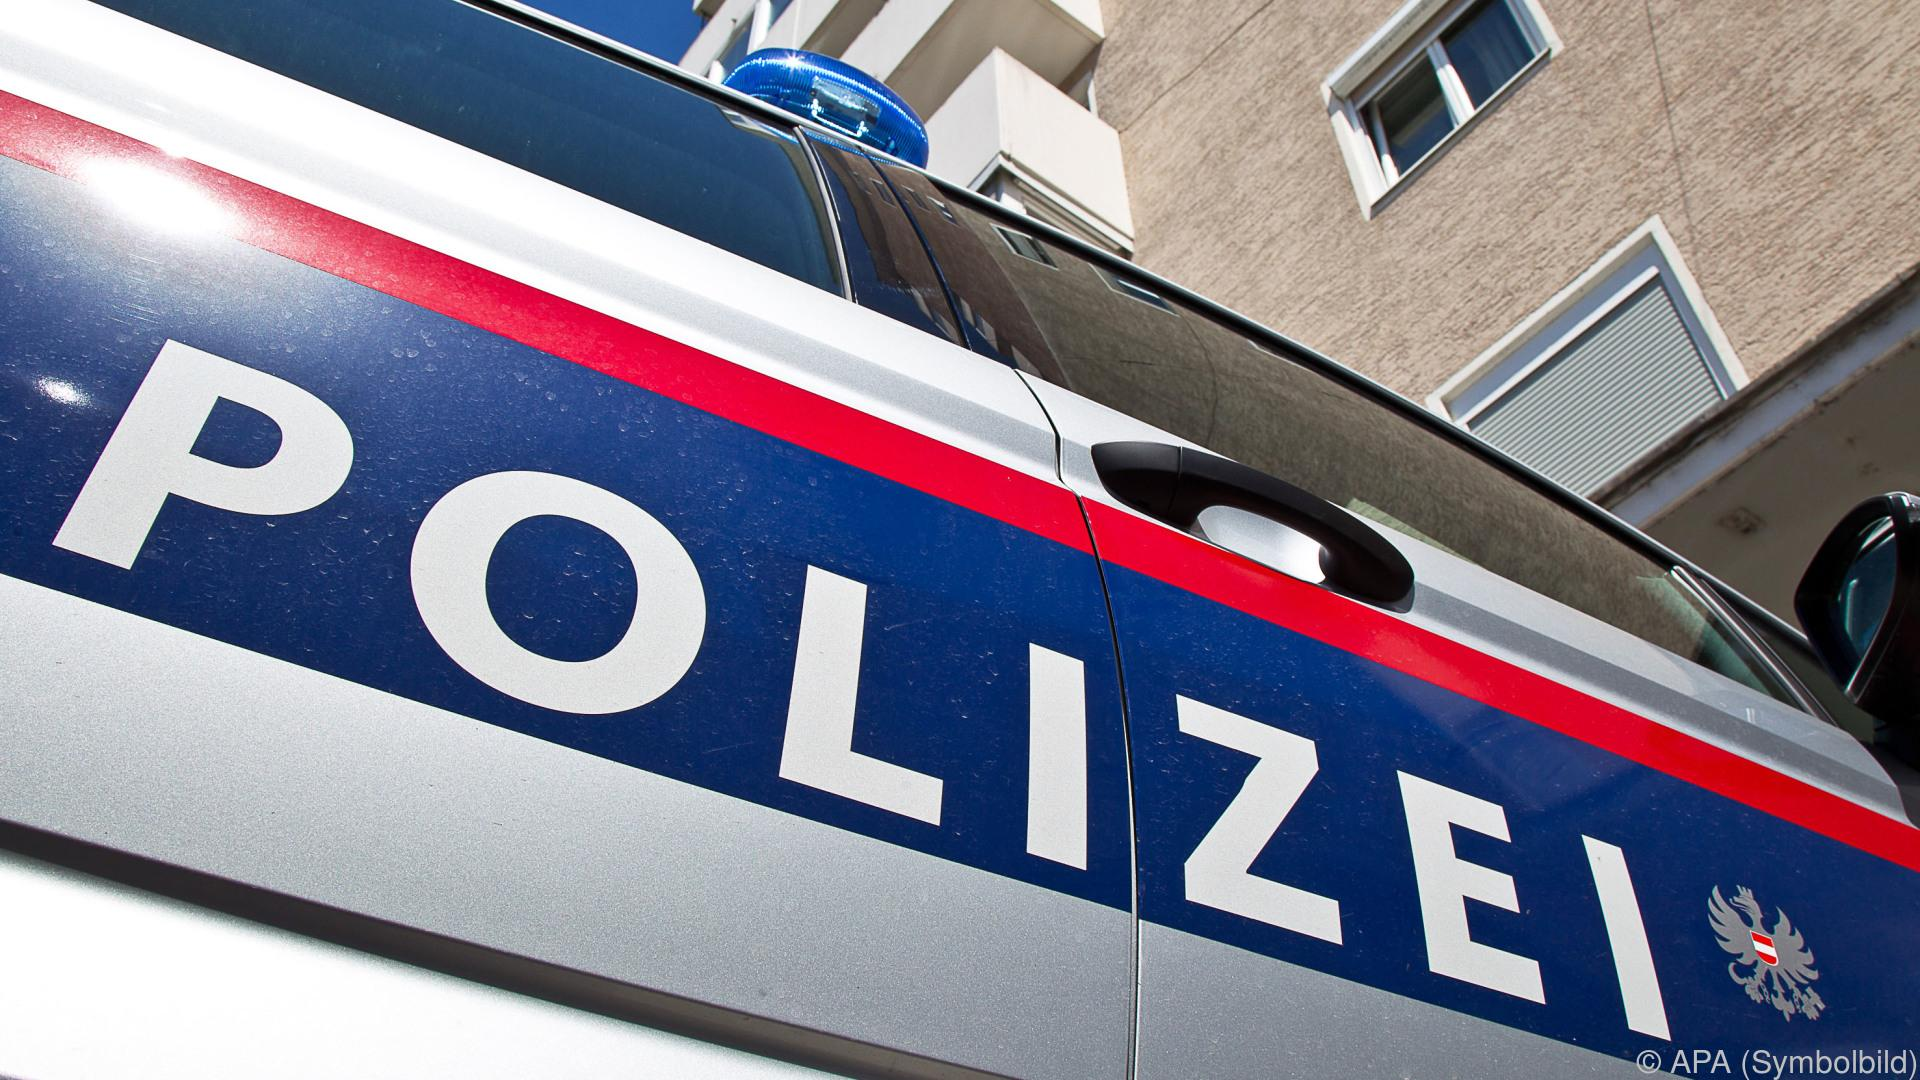 Senioren mit Knüppel attackiert: Mutmaßliche Täter gefasst